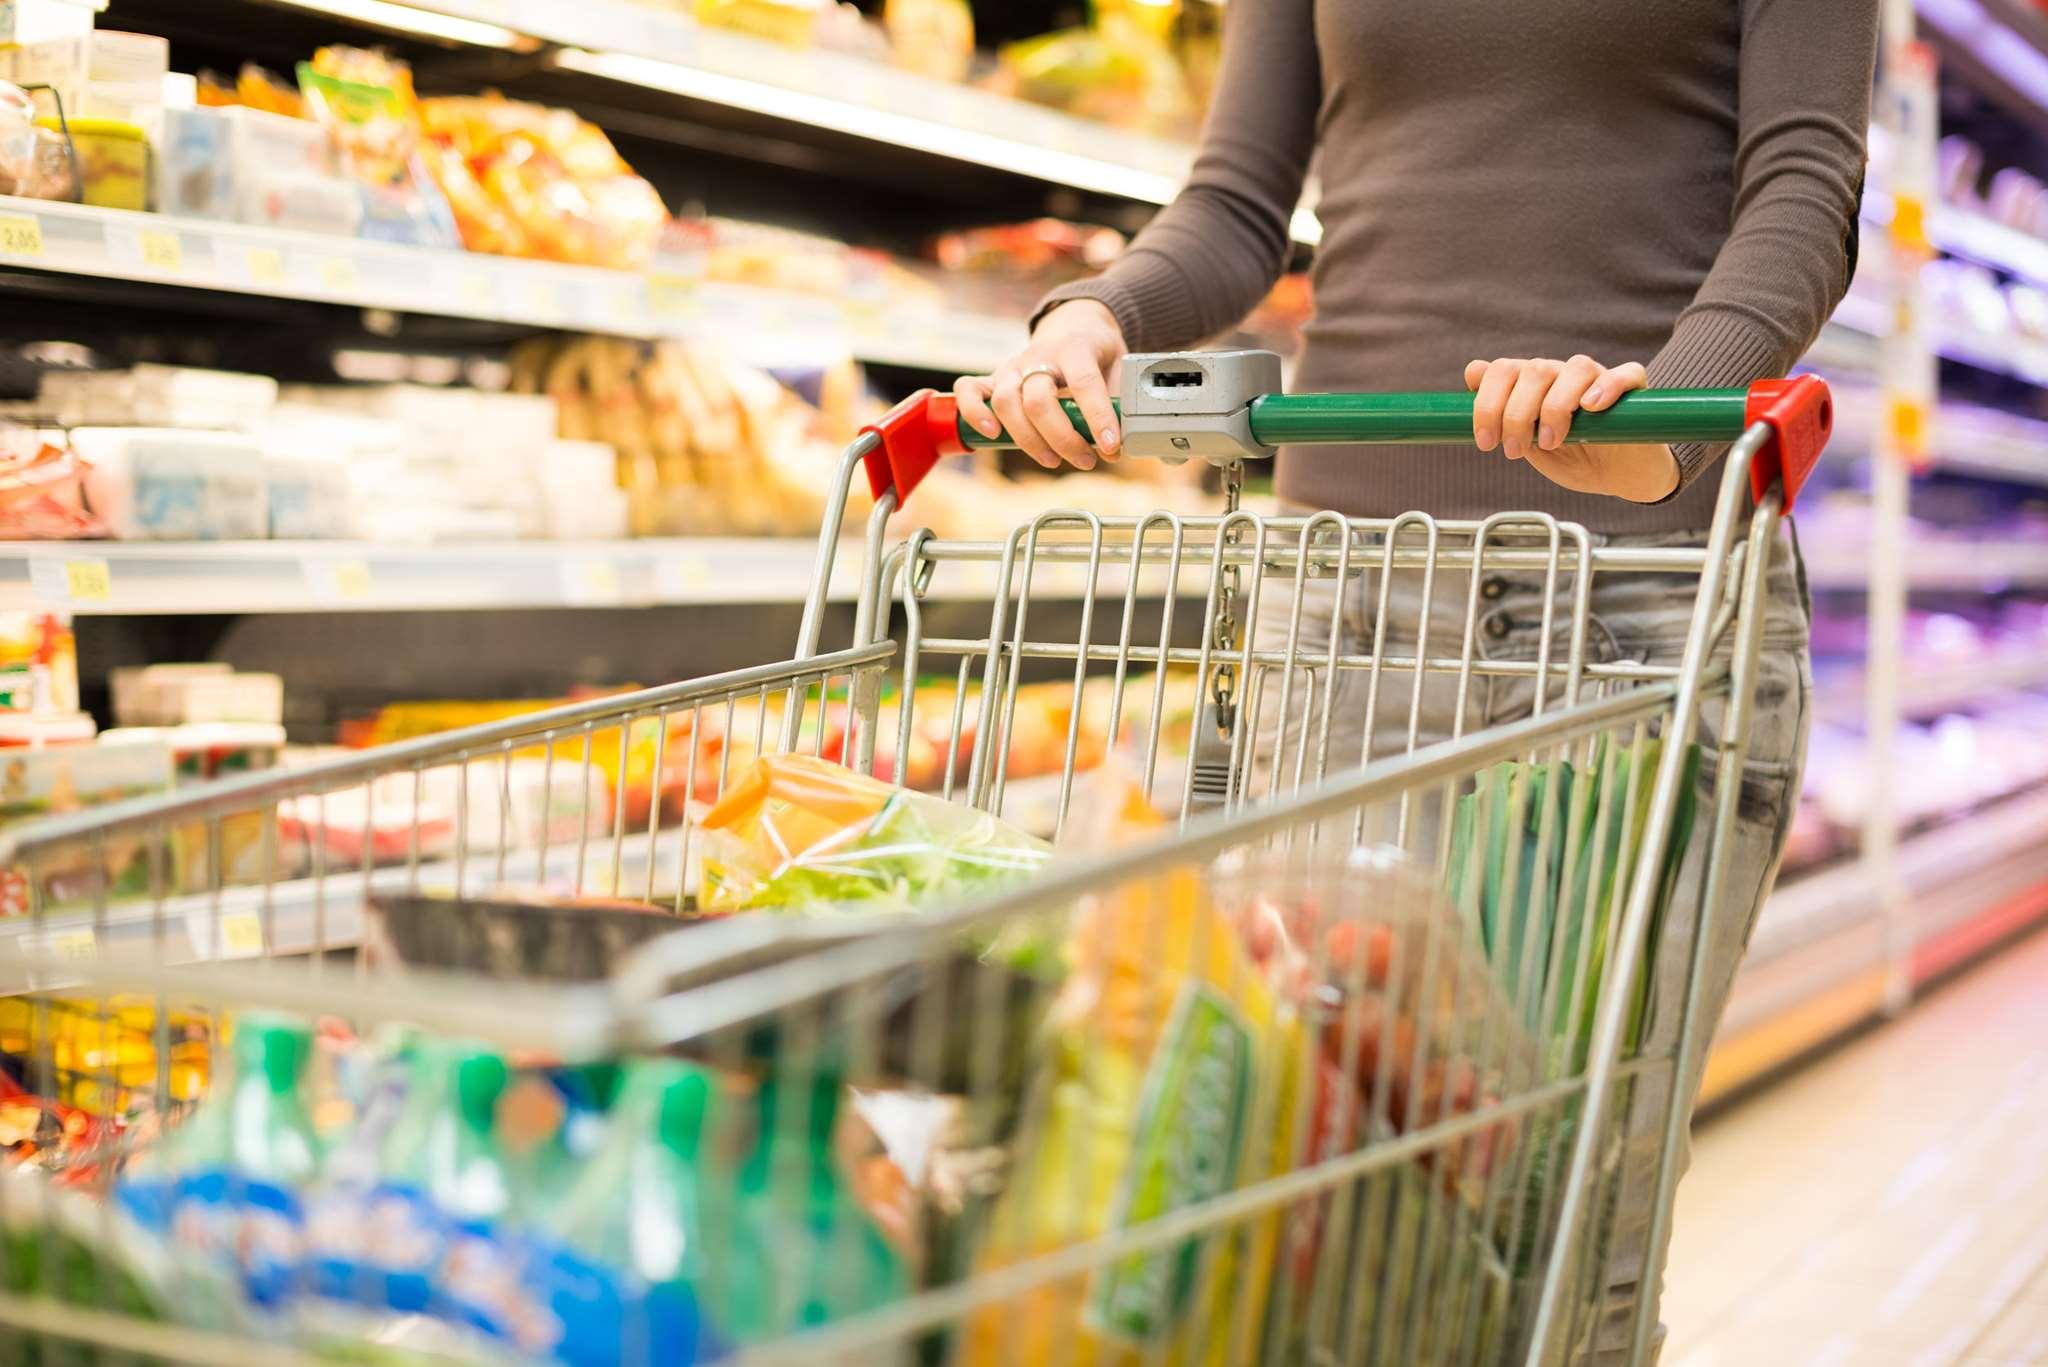 σούπερ μάρκετ, σούπερ μάρκετ, σούπερ μάρκετ κυριακή, σούπερ μάρκετ ωραριο, σούπερ μάρκετ κρητικόσ, σούπερ μάρκετ κυριακή ανοιχτά, σούπερ μάρκετ ανοιχτά σήμερα, σούπερ μάρκετ γαλαξίασ, σούπερ μάρκετ ανοιχτά, σούπερ μάρκετ ωράριο σήμερα, σούπερ μάρκετ σημερα,